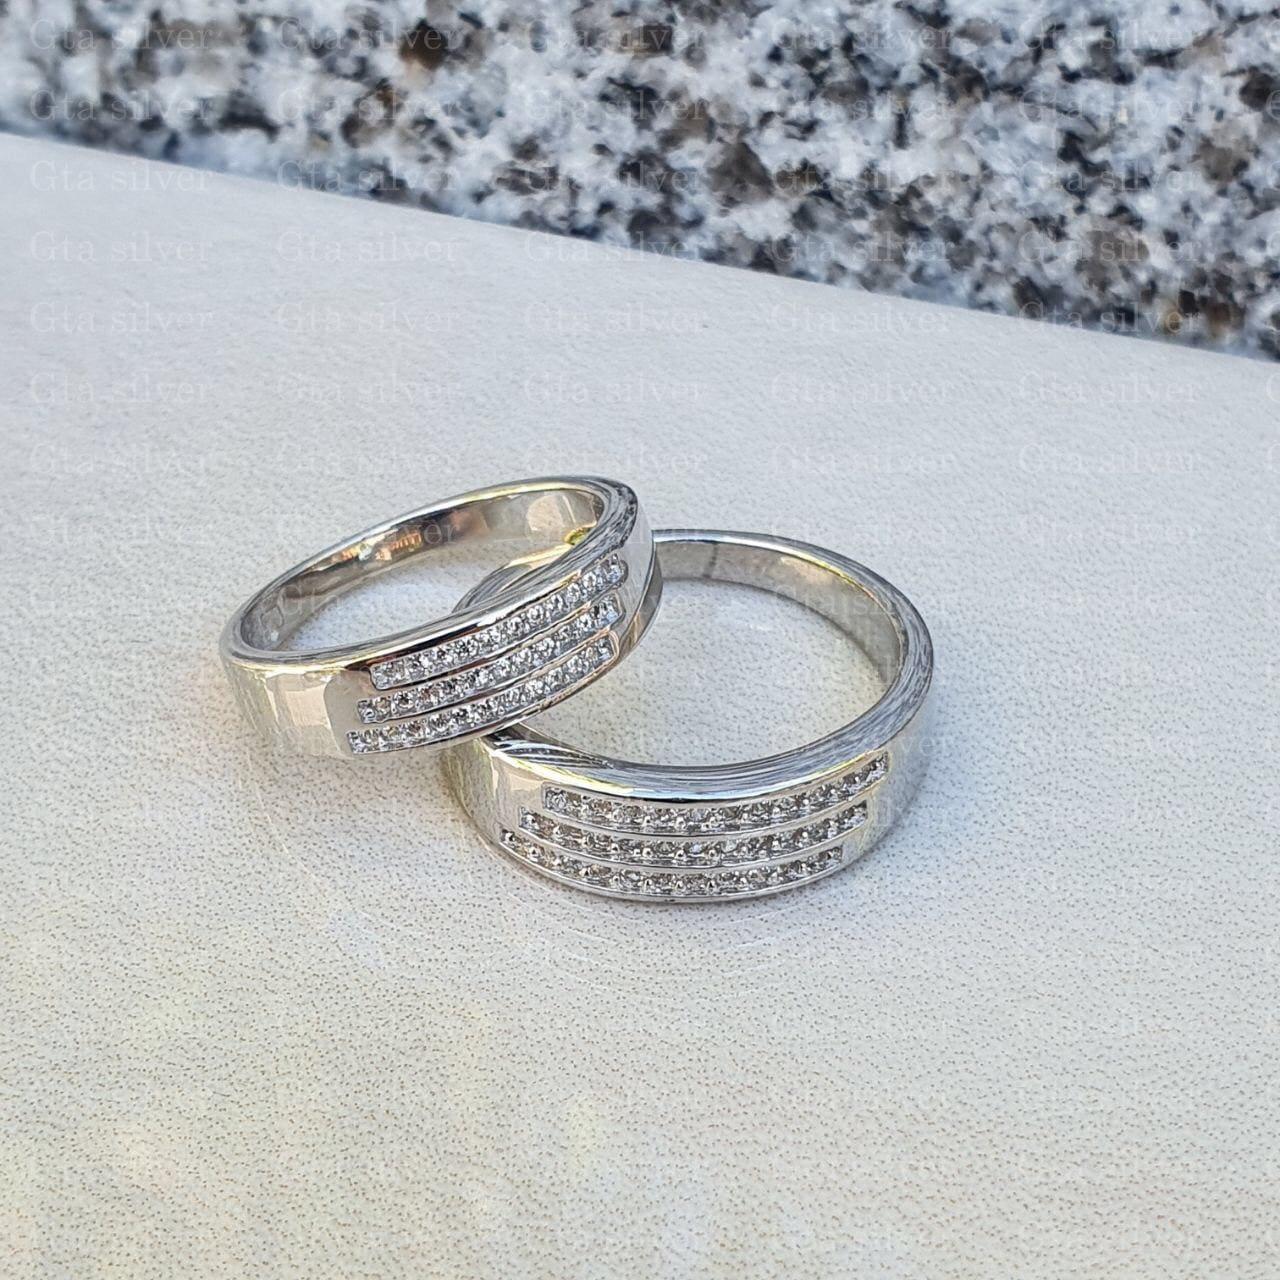 ست حلقه ازدواج وزن 8.5 گرم مدل 18